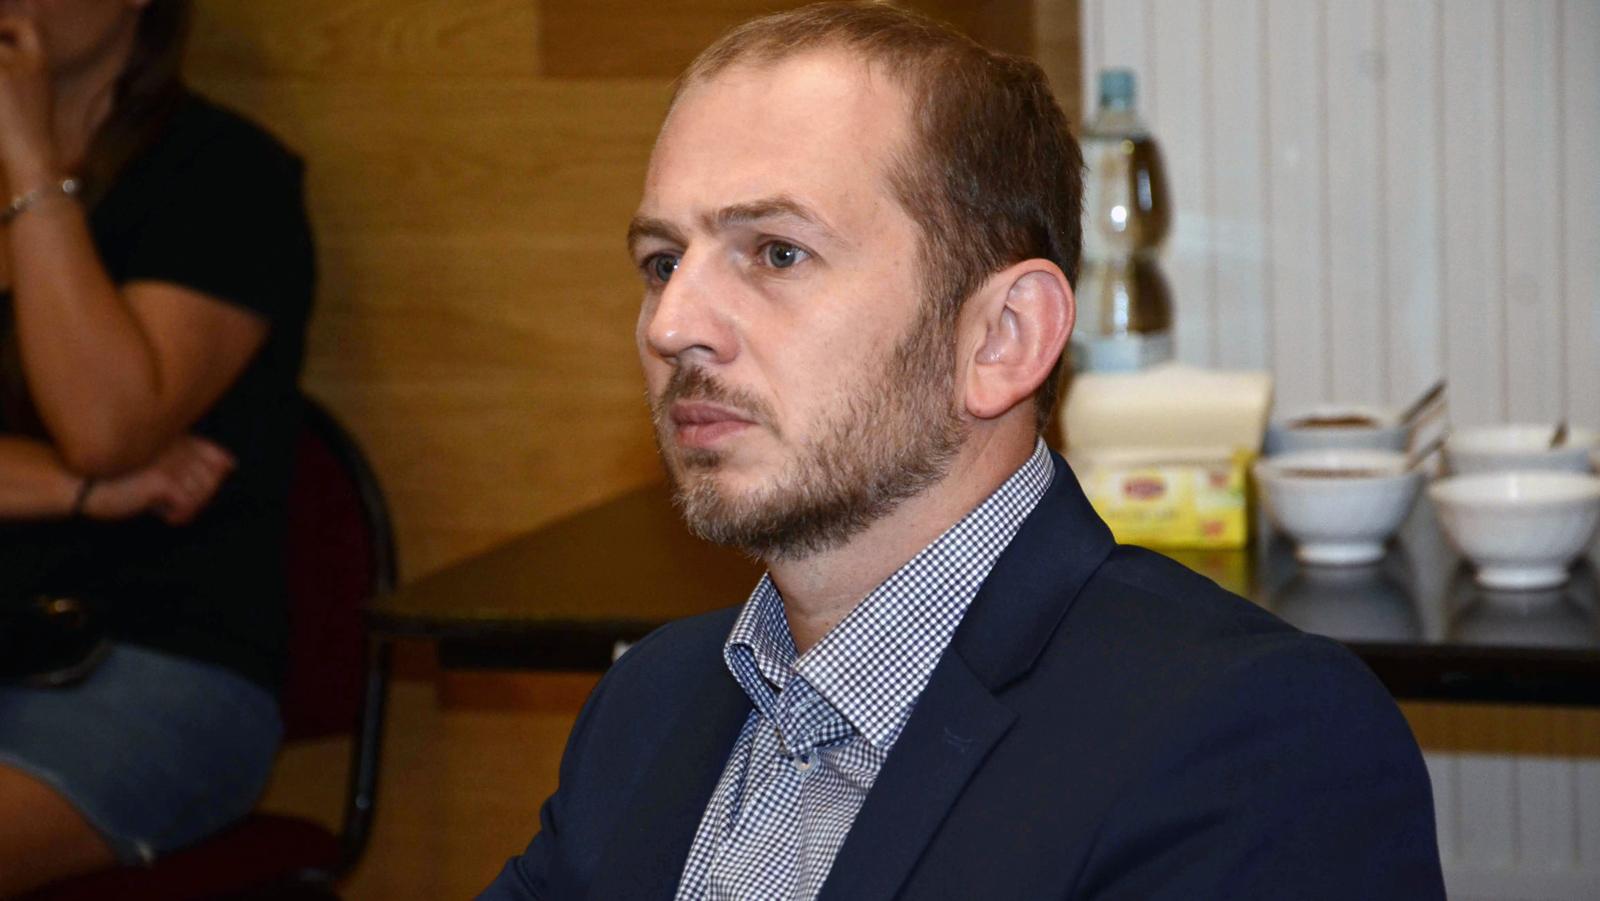 Radny Michał Karkut ma zastrzeżenia. Co na to Krzysztof Wilk? - Zdjęcie główne